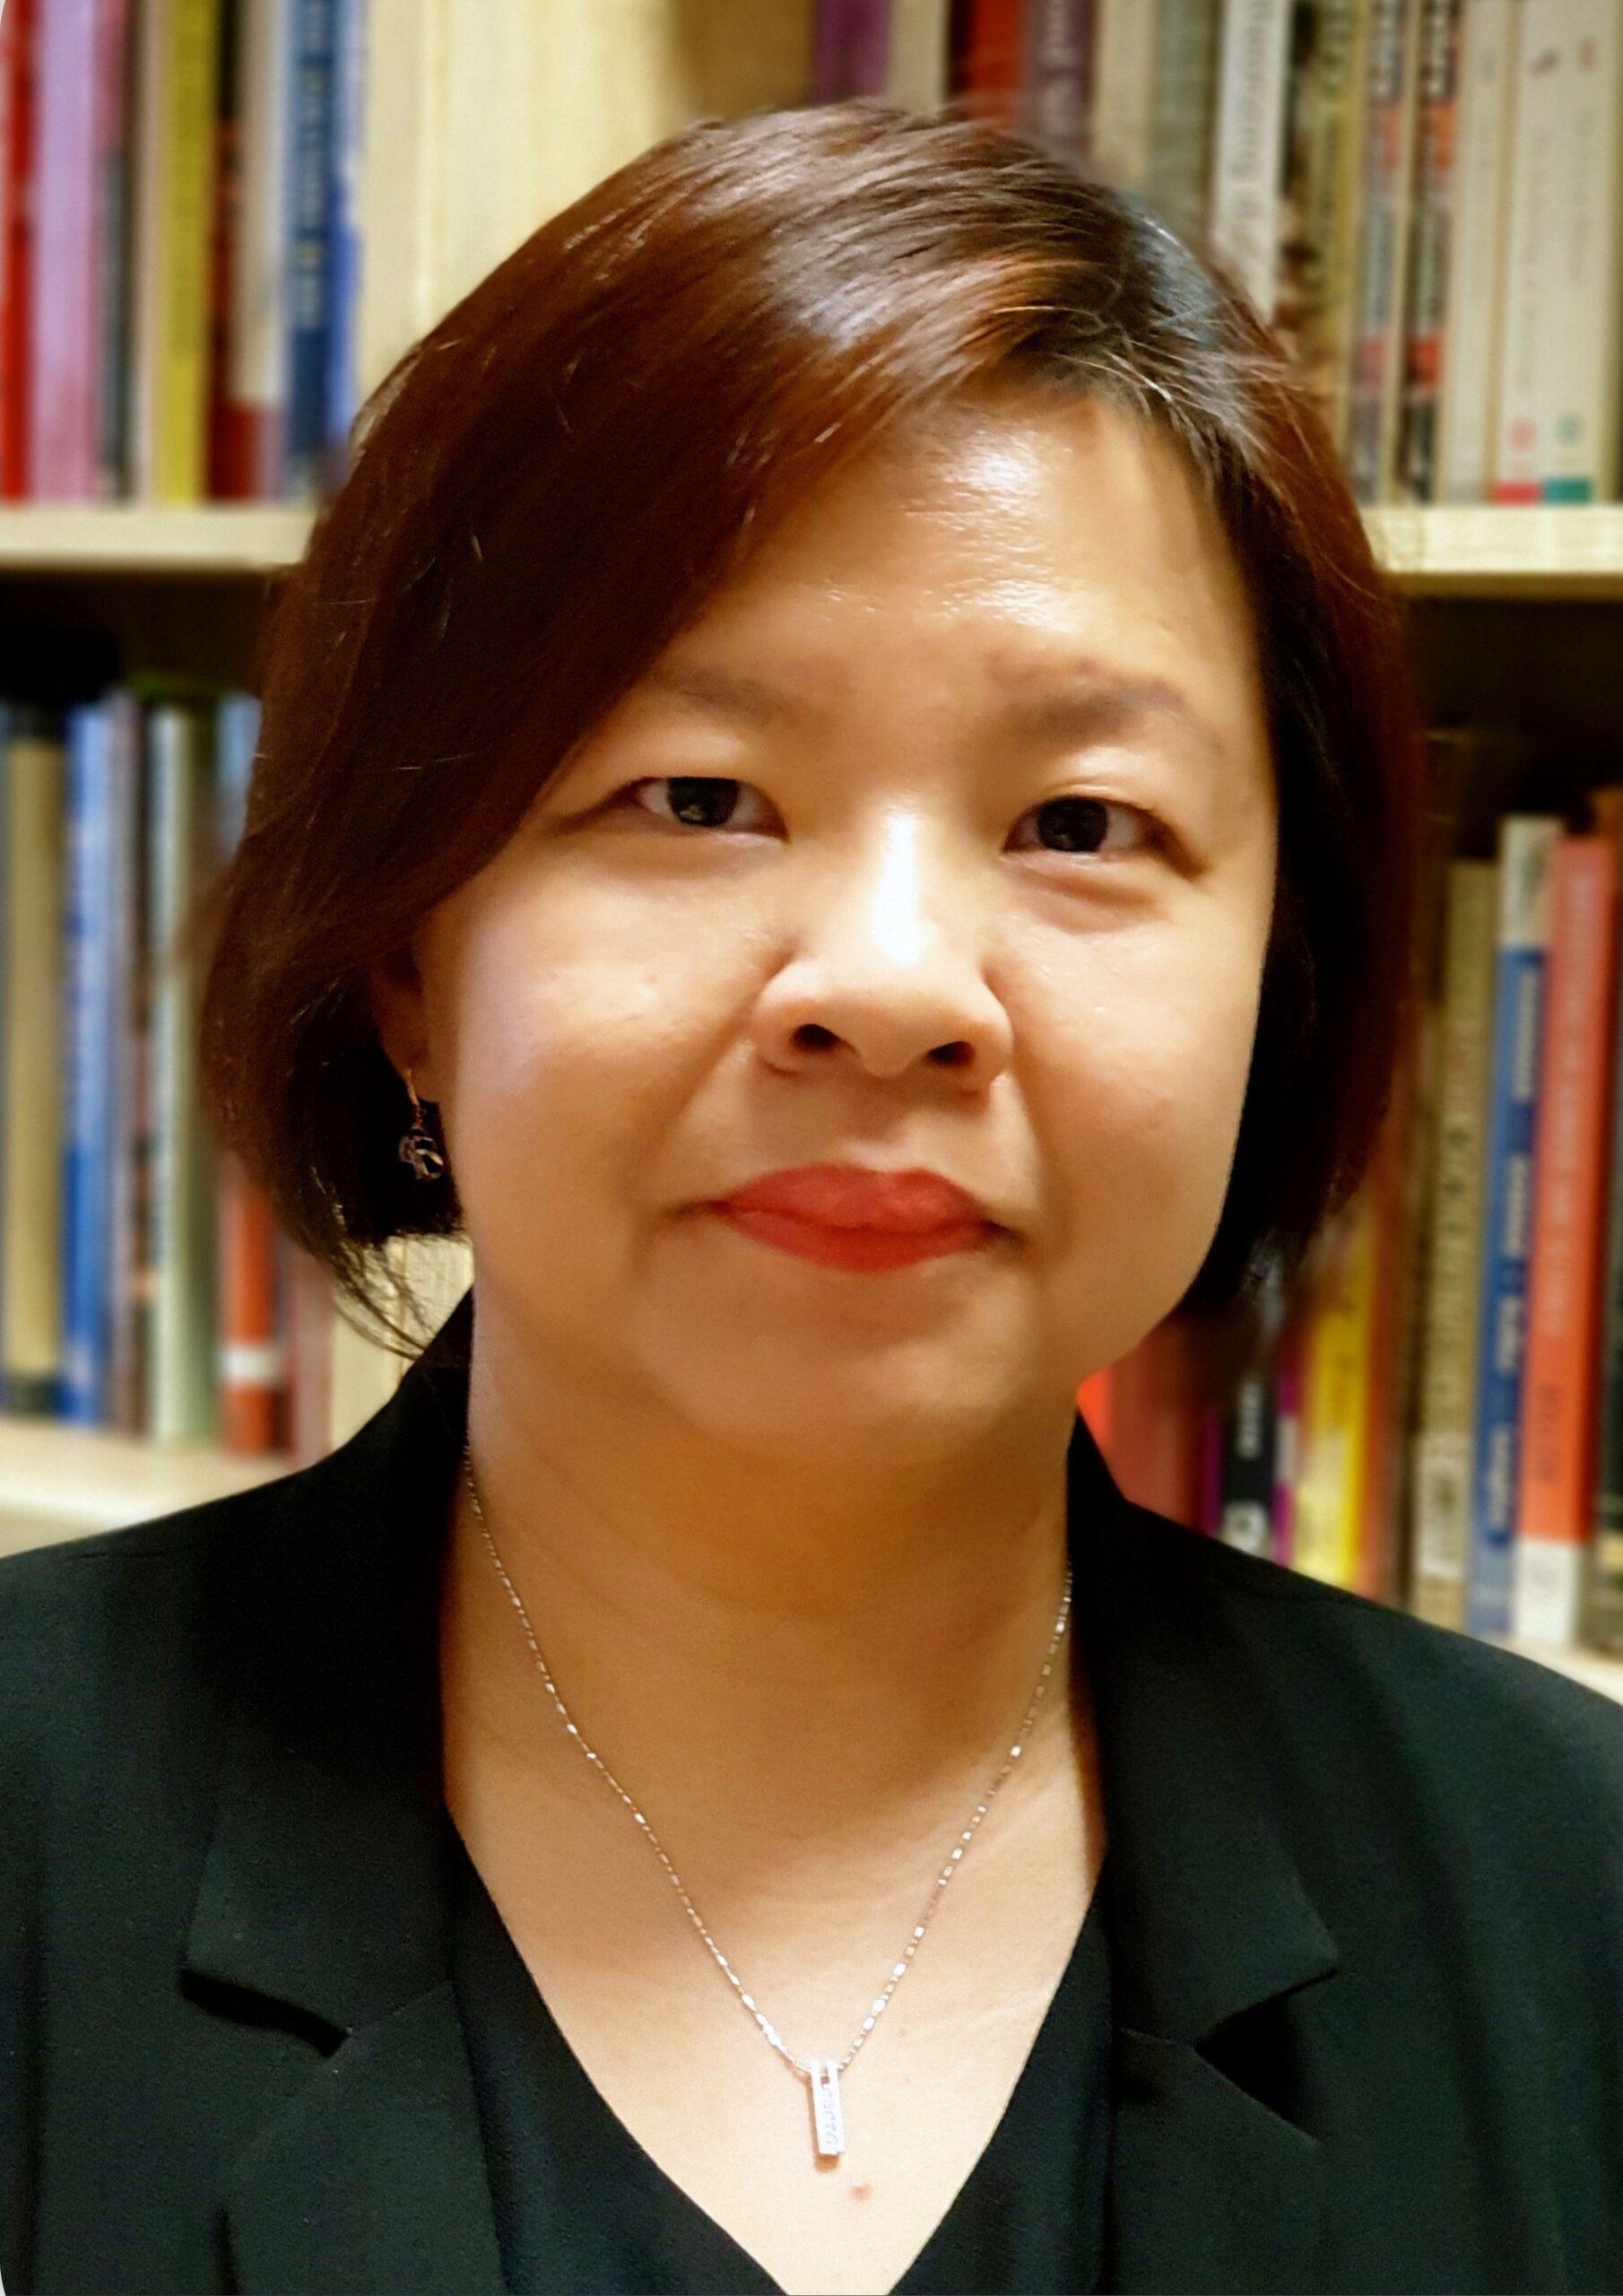 Dr. Tang Wee Teo